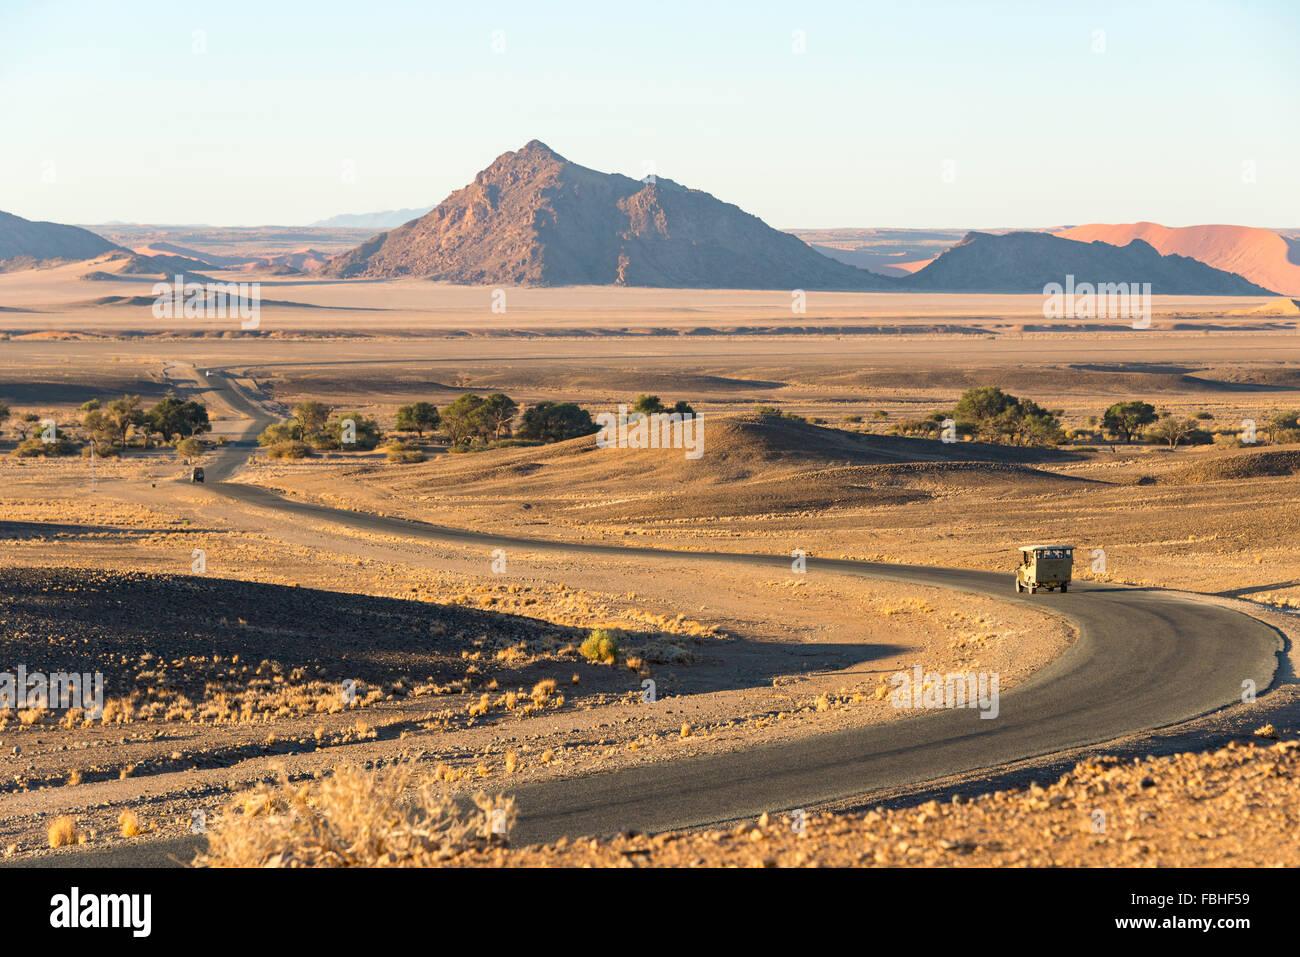 Route de solitaire, Namib Naukluft Park, le désert de Namib, Namibie Photo Stock